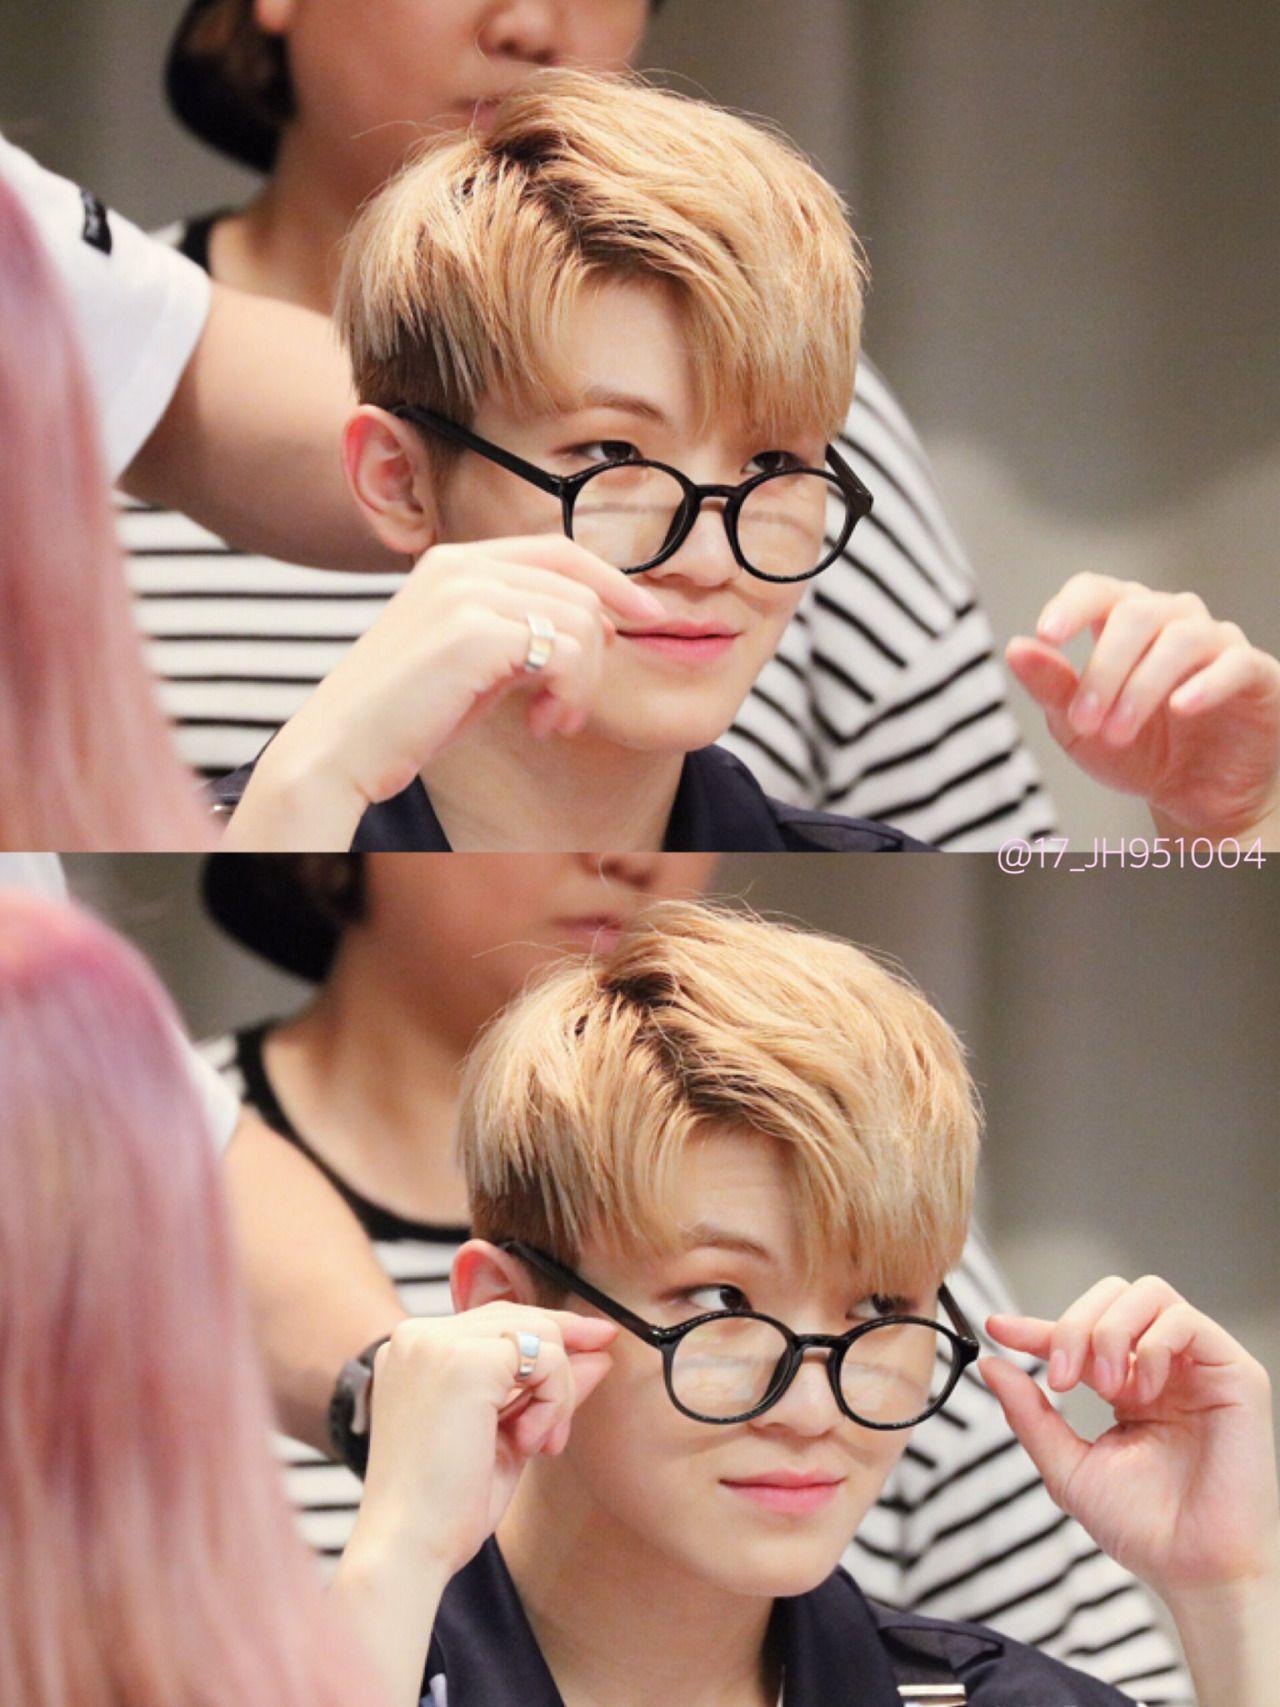 Seventeen woozi he looks so cute with glasses like omo